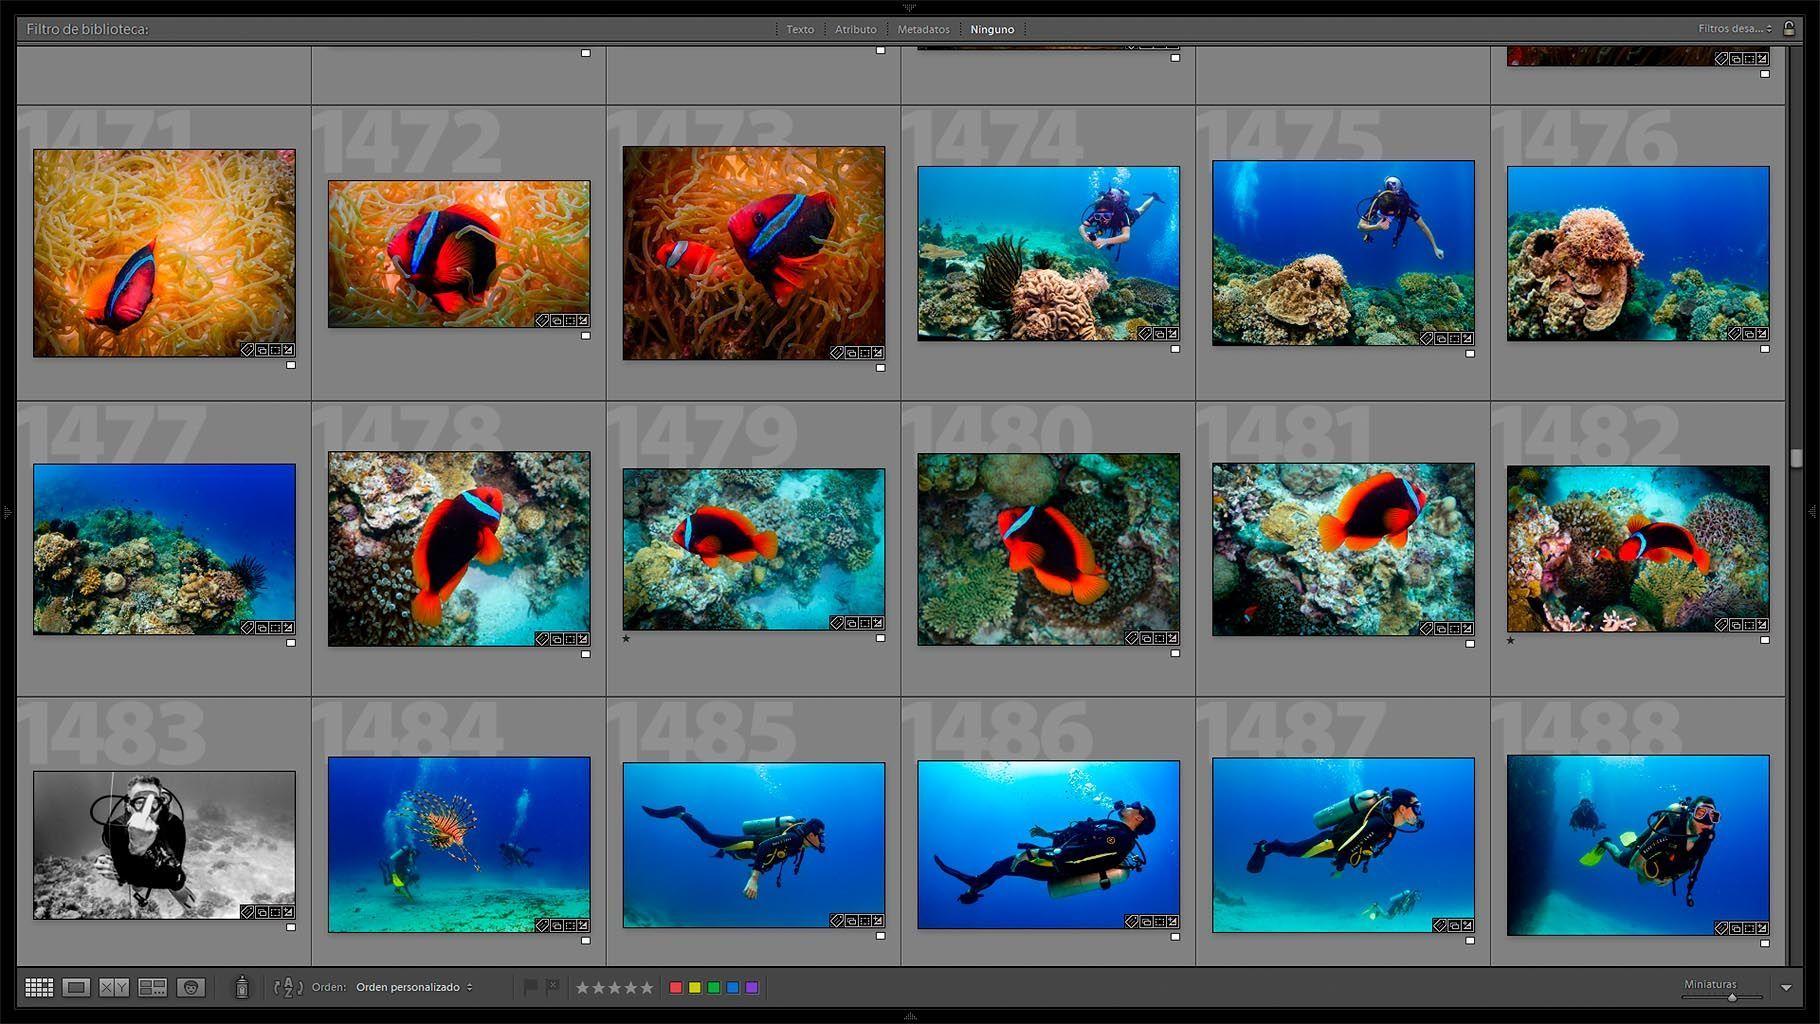 edicion de fotografias submarinas - Haz una seleccion de fotos